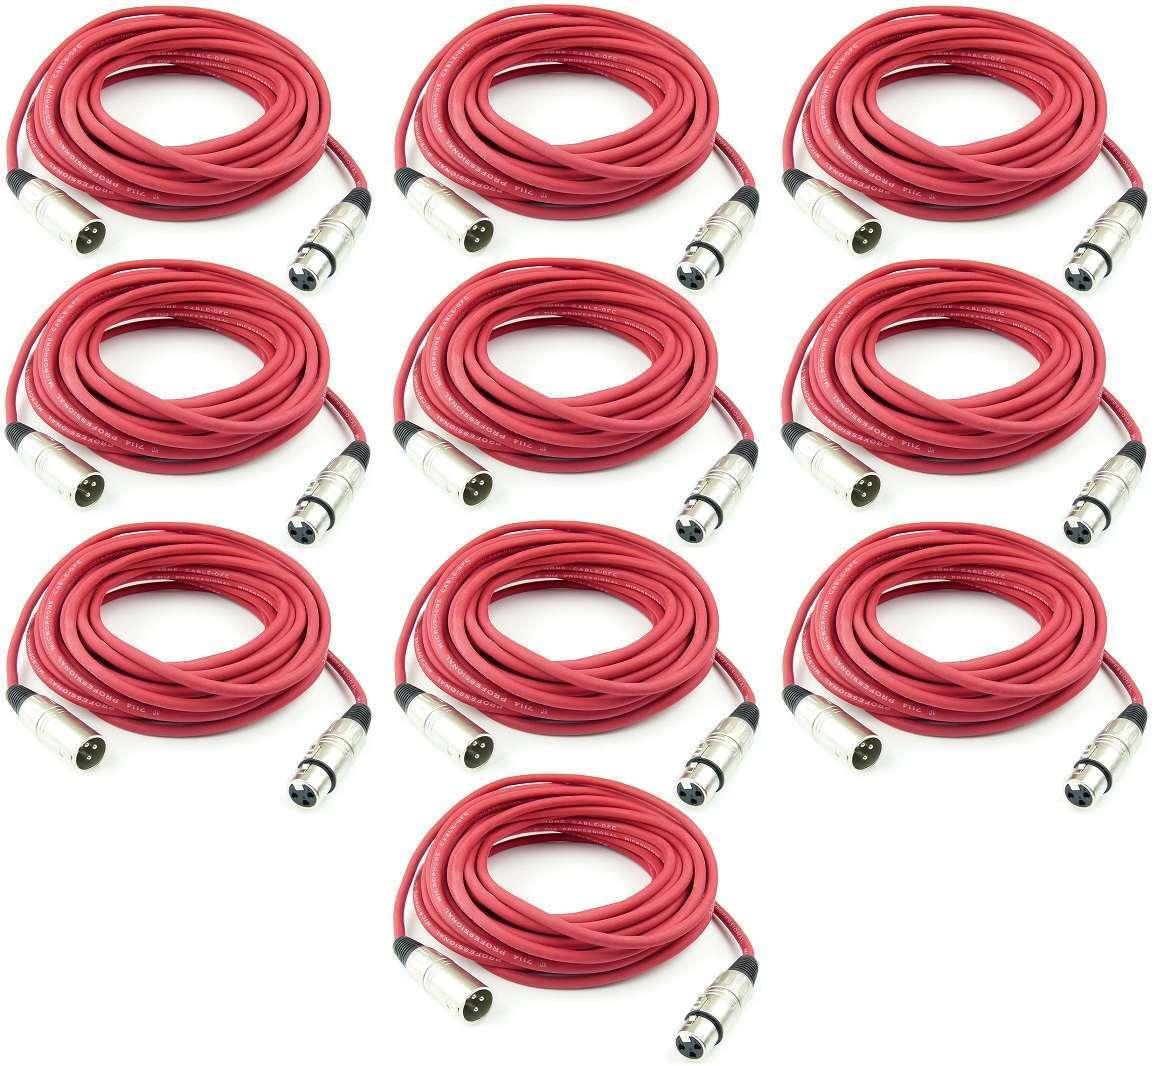 10 St. 10 m PROFI Mikrofonkabel ROT Adam Hall K3 MMF 1000 XLR DMX Mikrofon Kabel